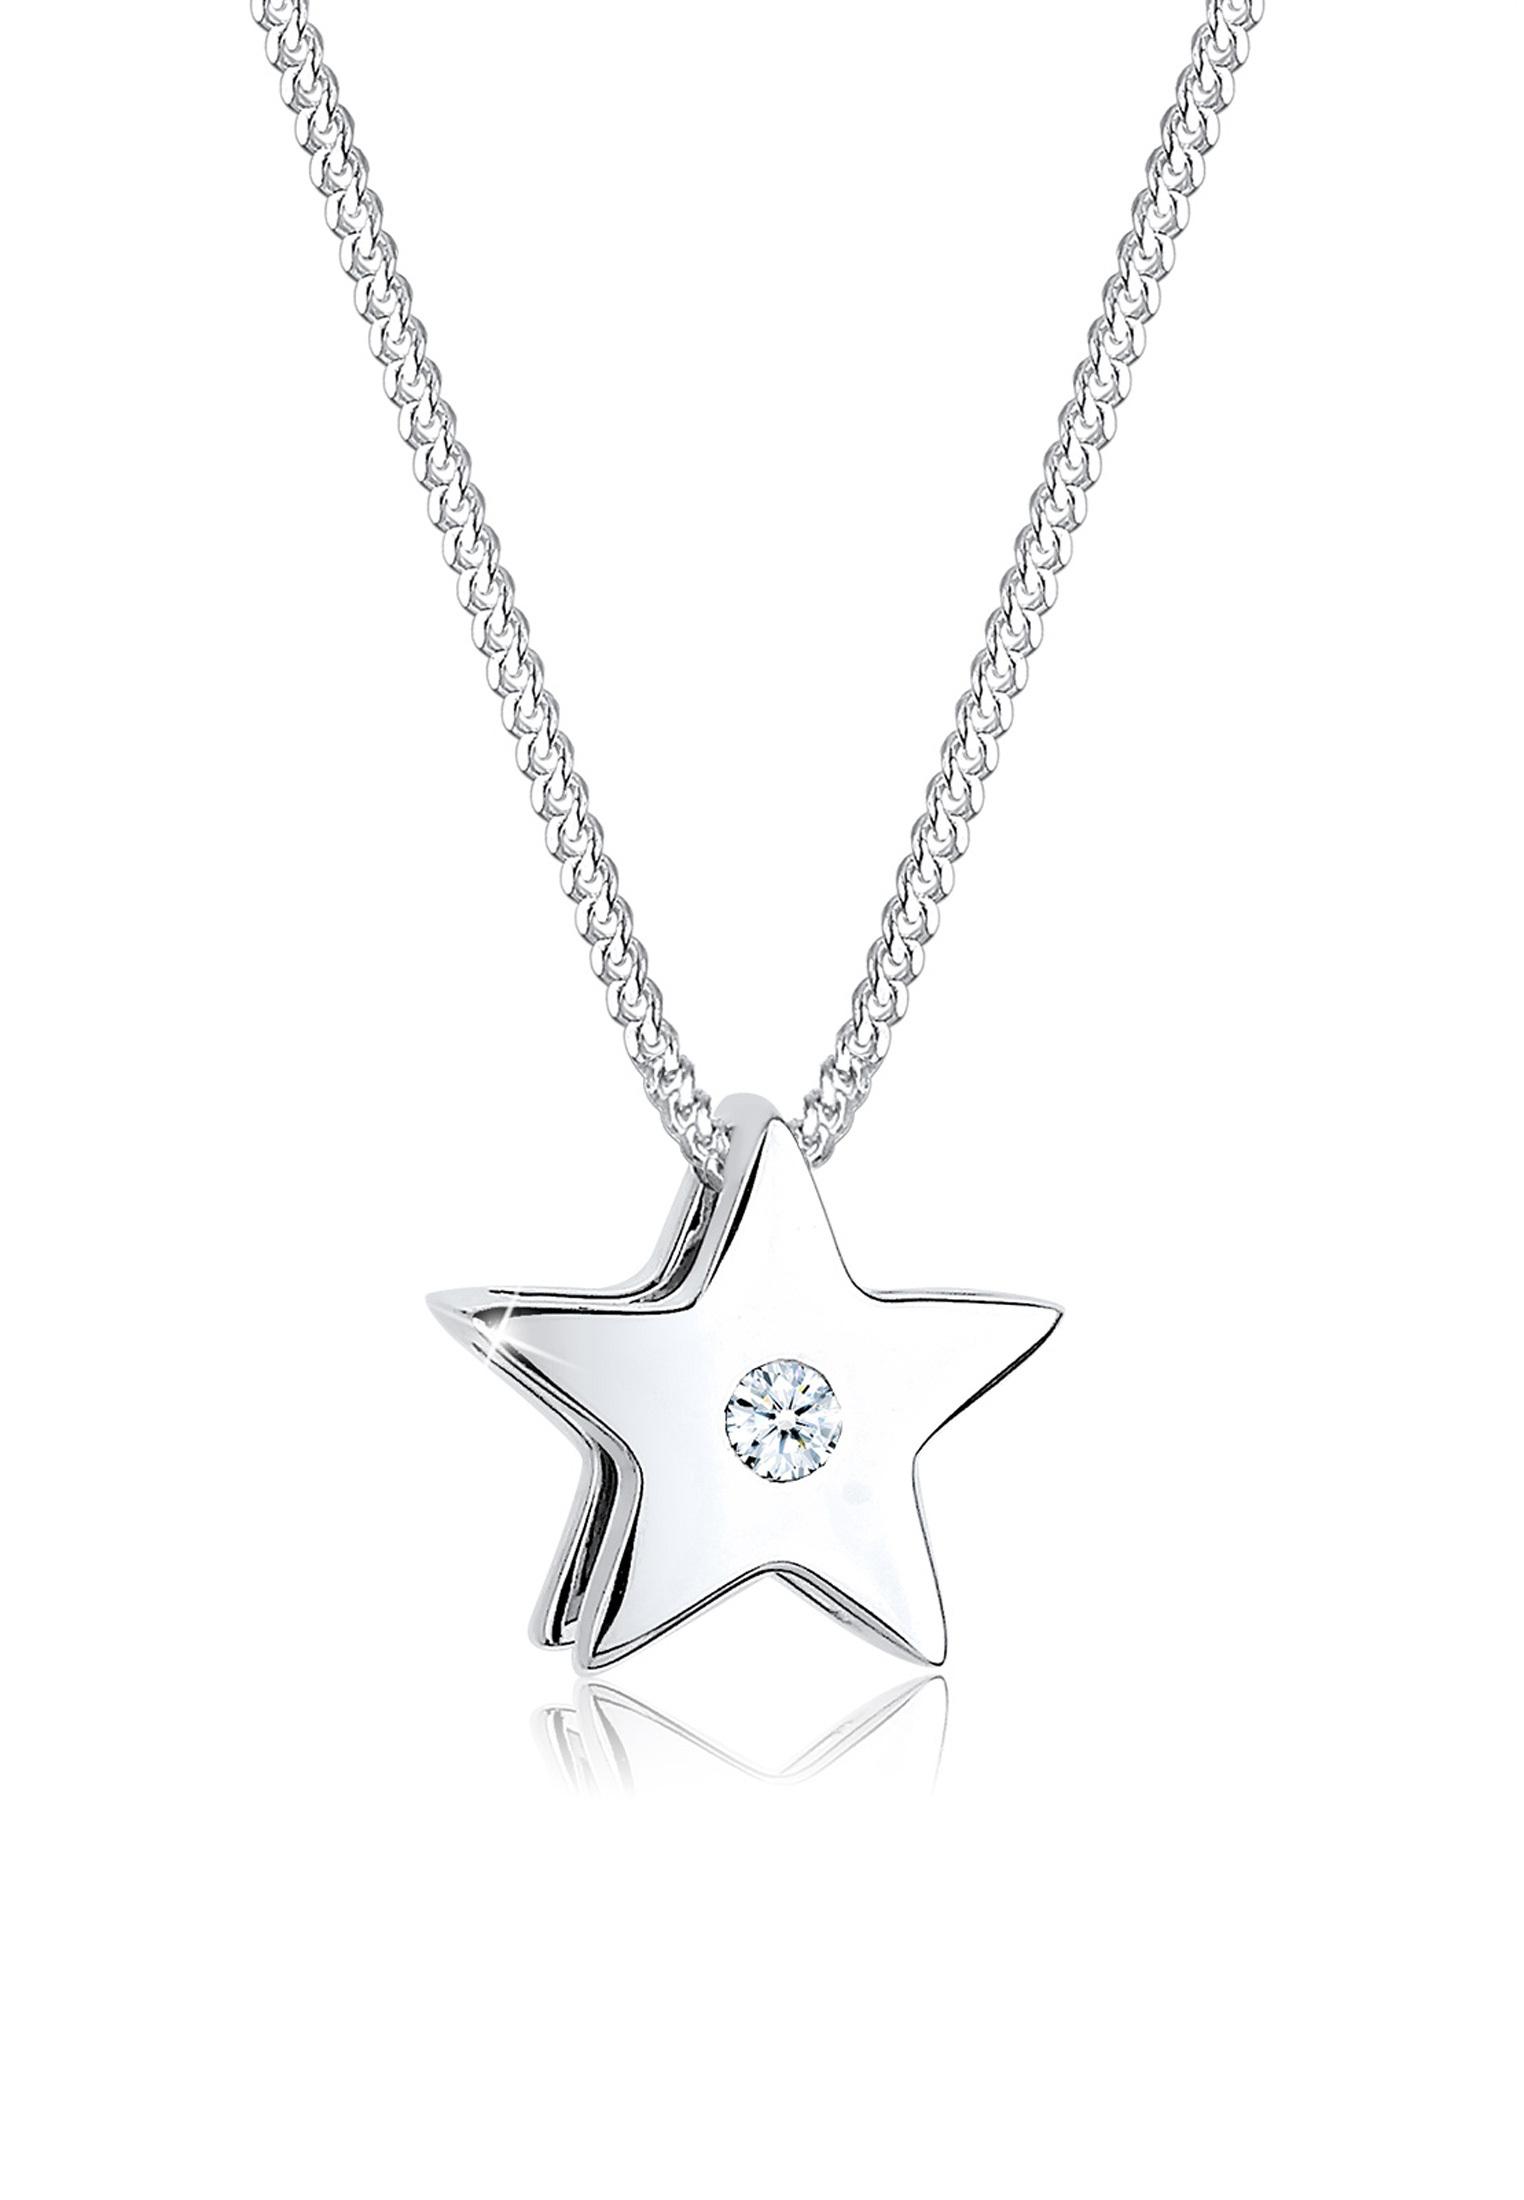 Halskette Stern | Diamant ( Weiß, 0,03 ct ) | 925er Sterling Silber